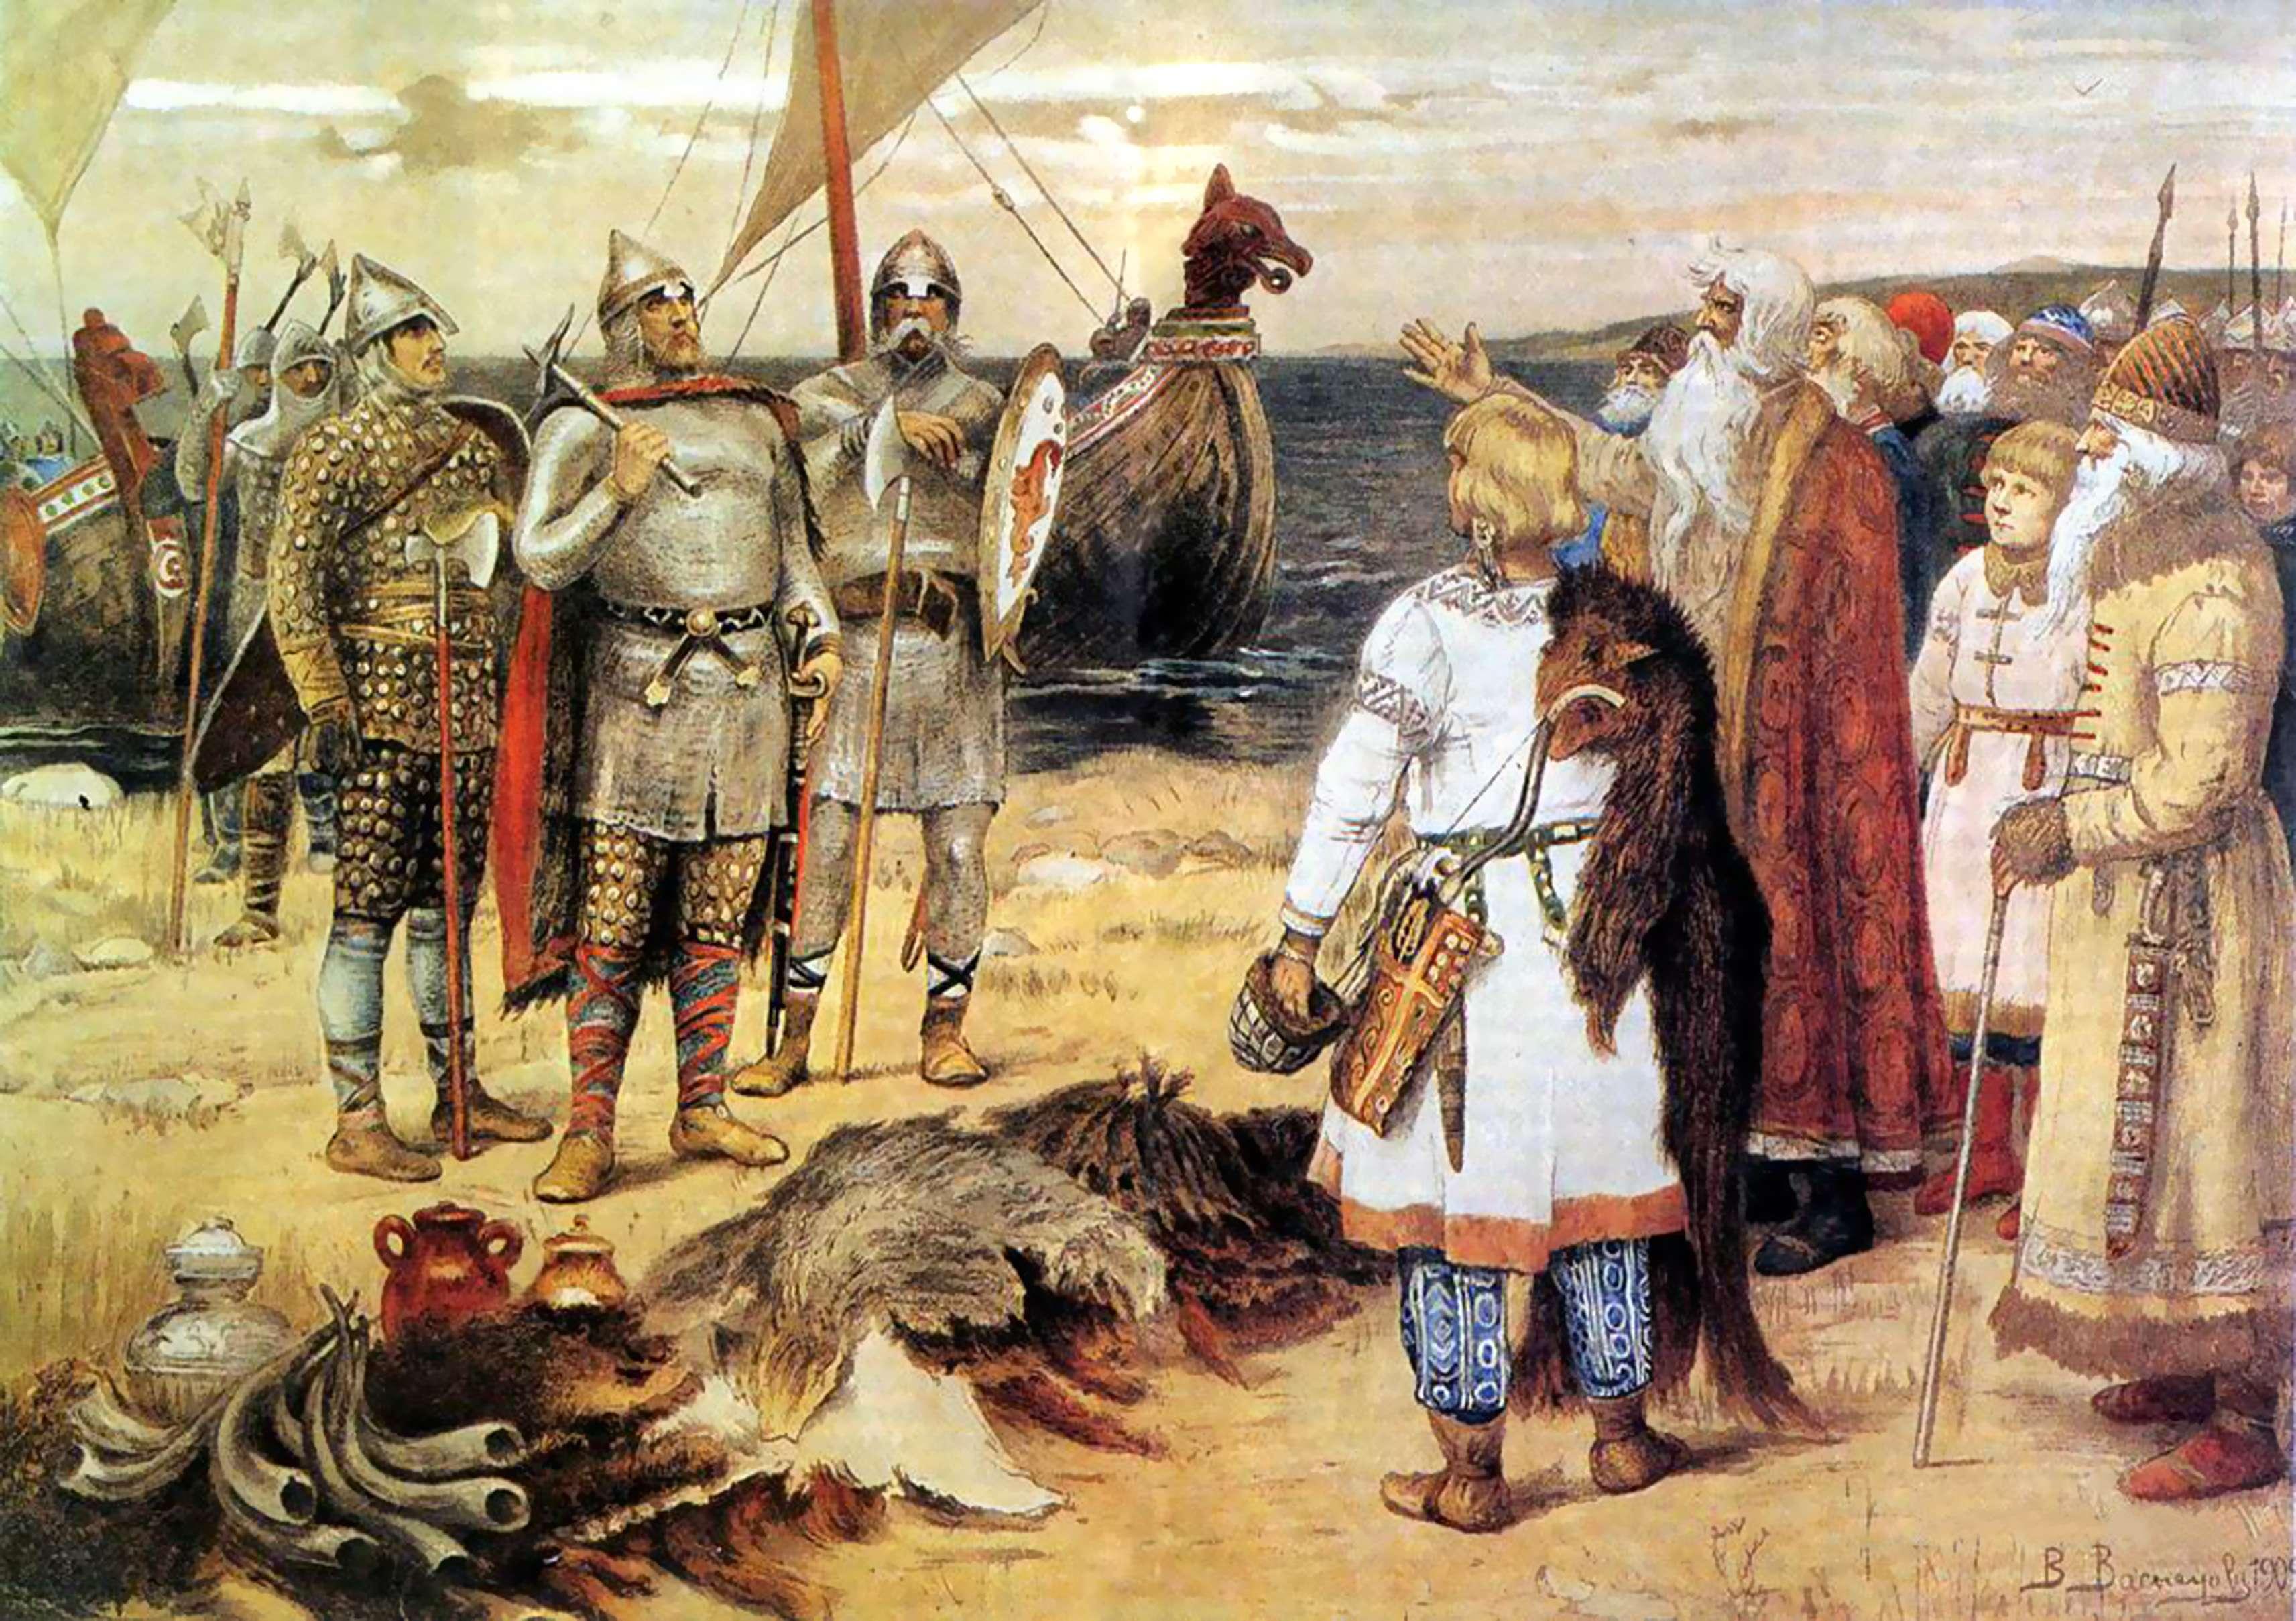 Η Πρόσκληση των Βαράγγων του Βίκτορ Βασνετσόφ: Ο Ρούρικ και οι αδελφοί του Σίνεους και Τρούβορ φθάνουν στις χώρες των Σλάβων του Νόβγκοροντ.